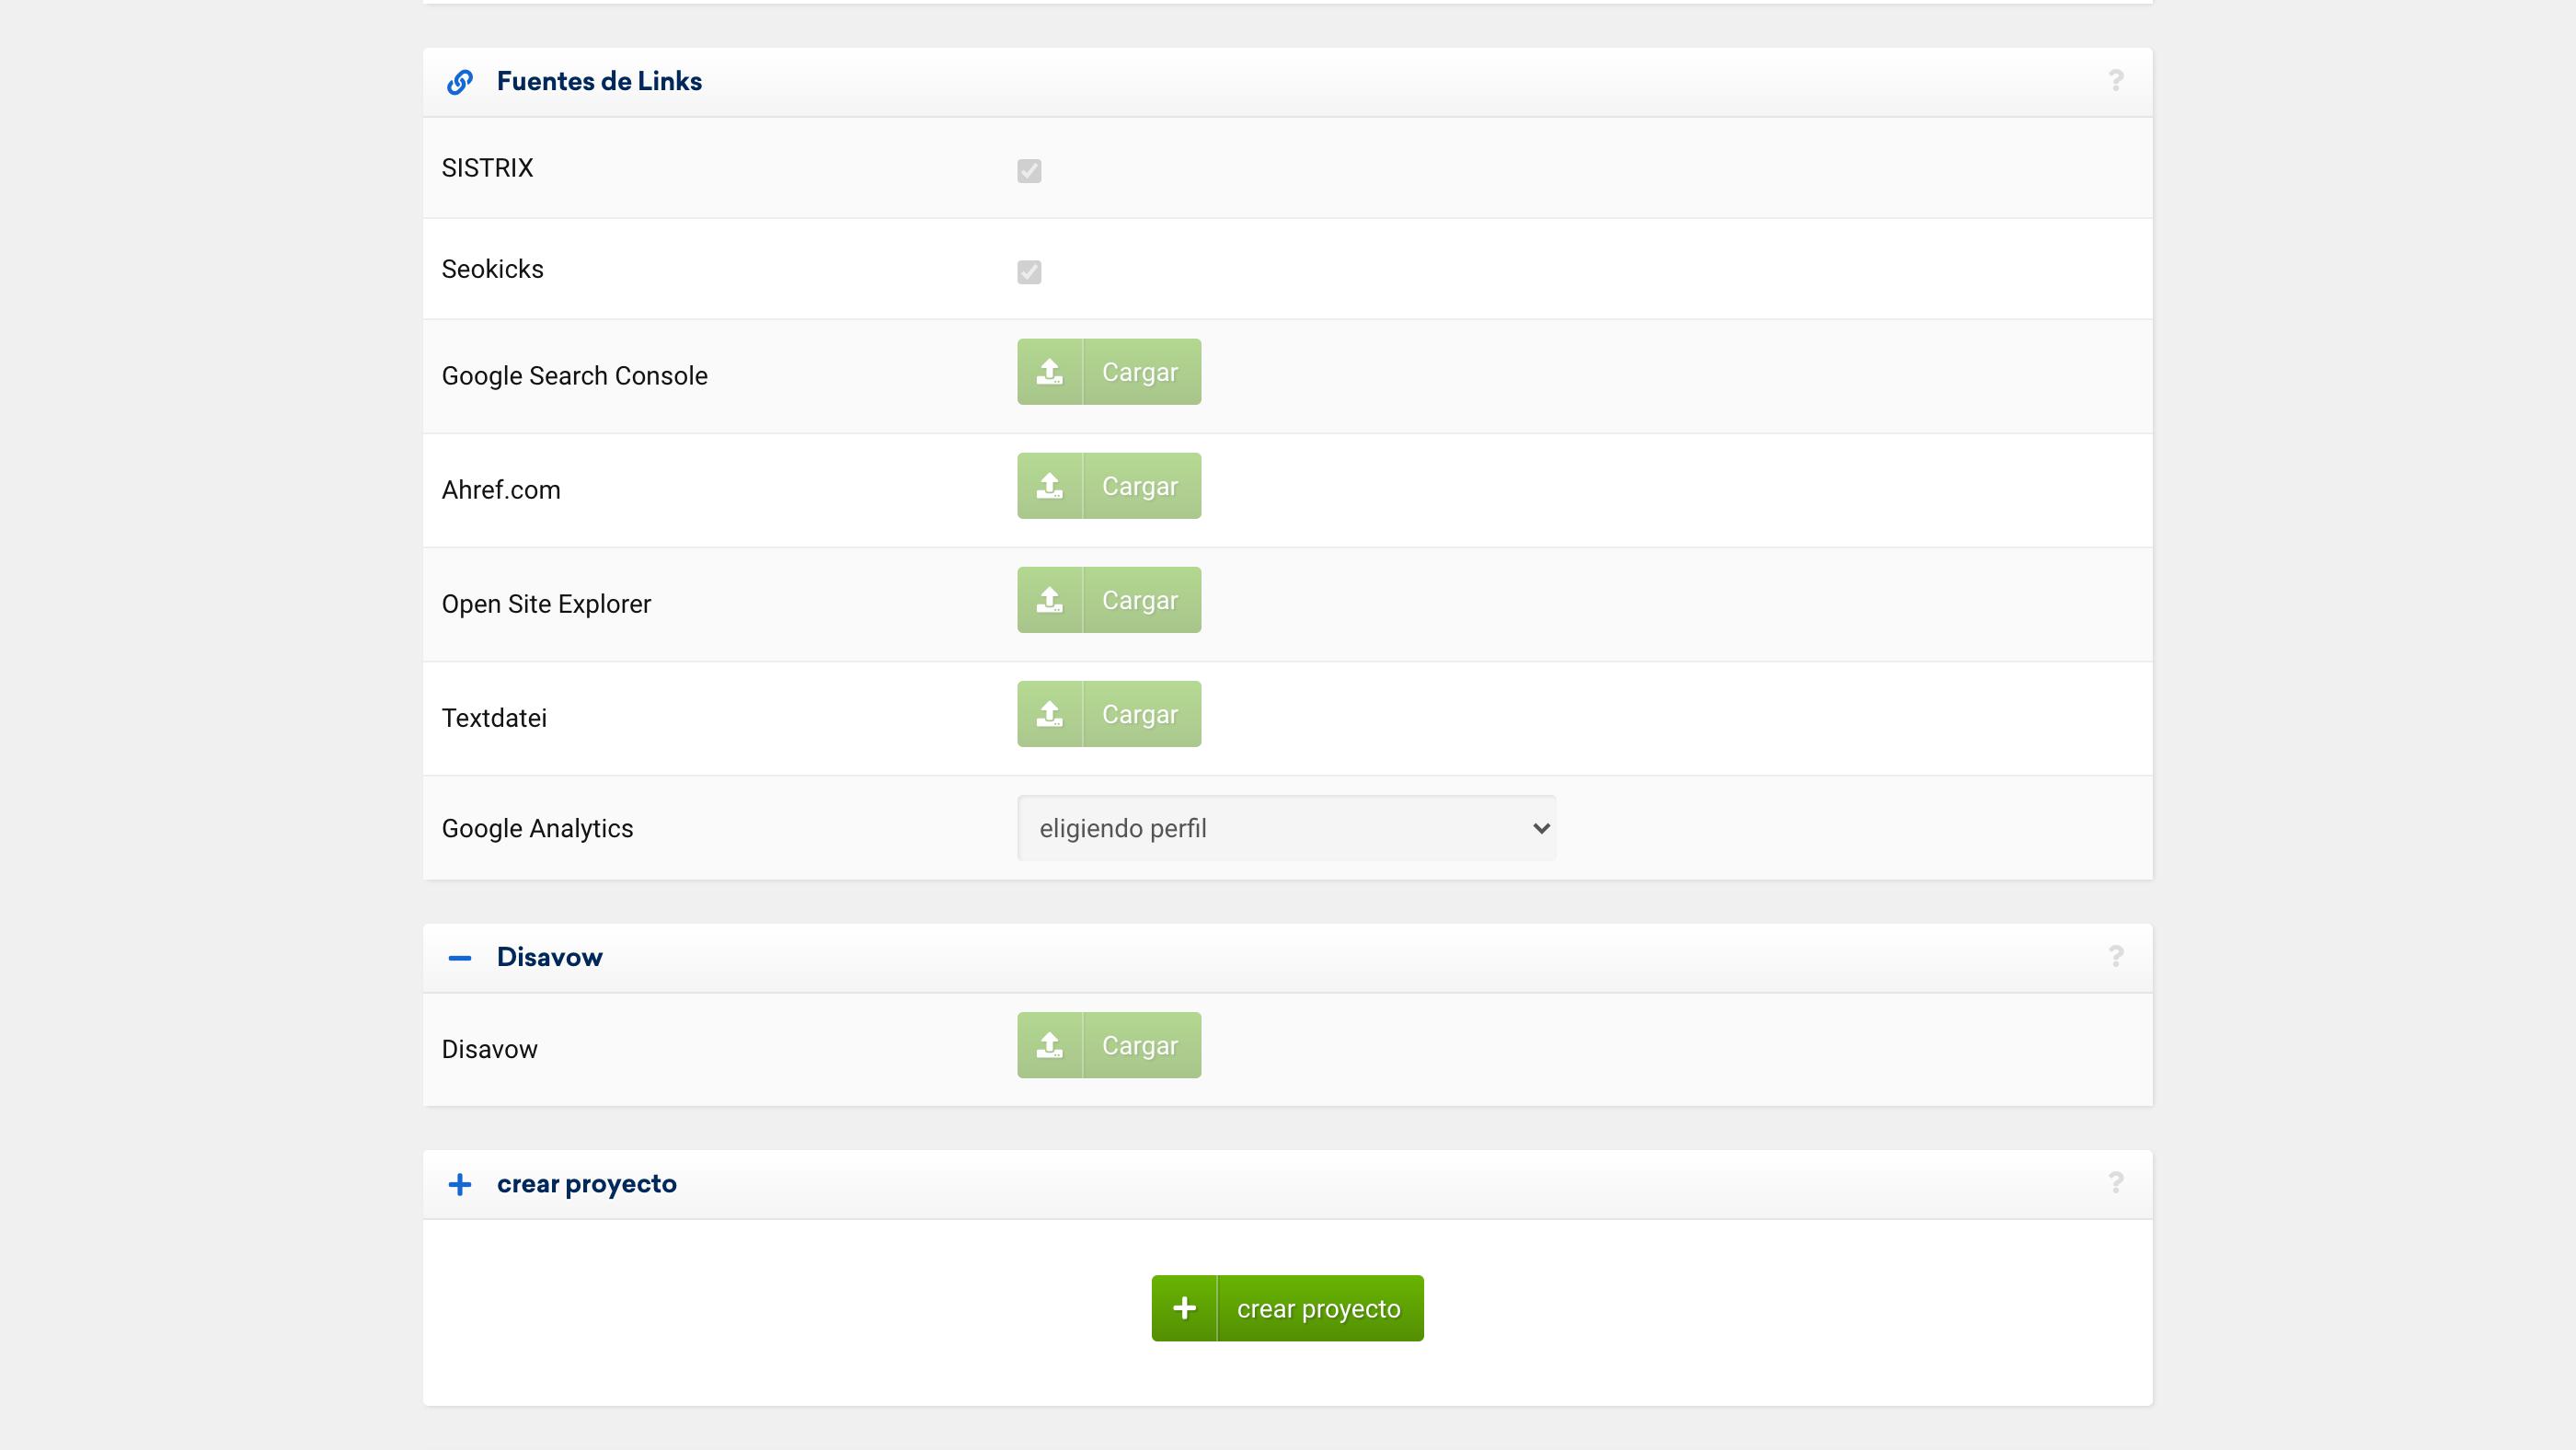 Fuentes de enlaces de un proyecto en LinkRaiting